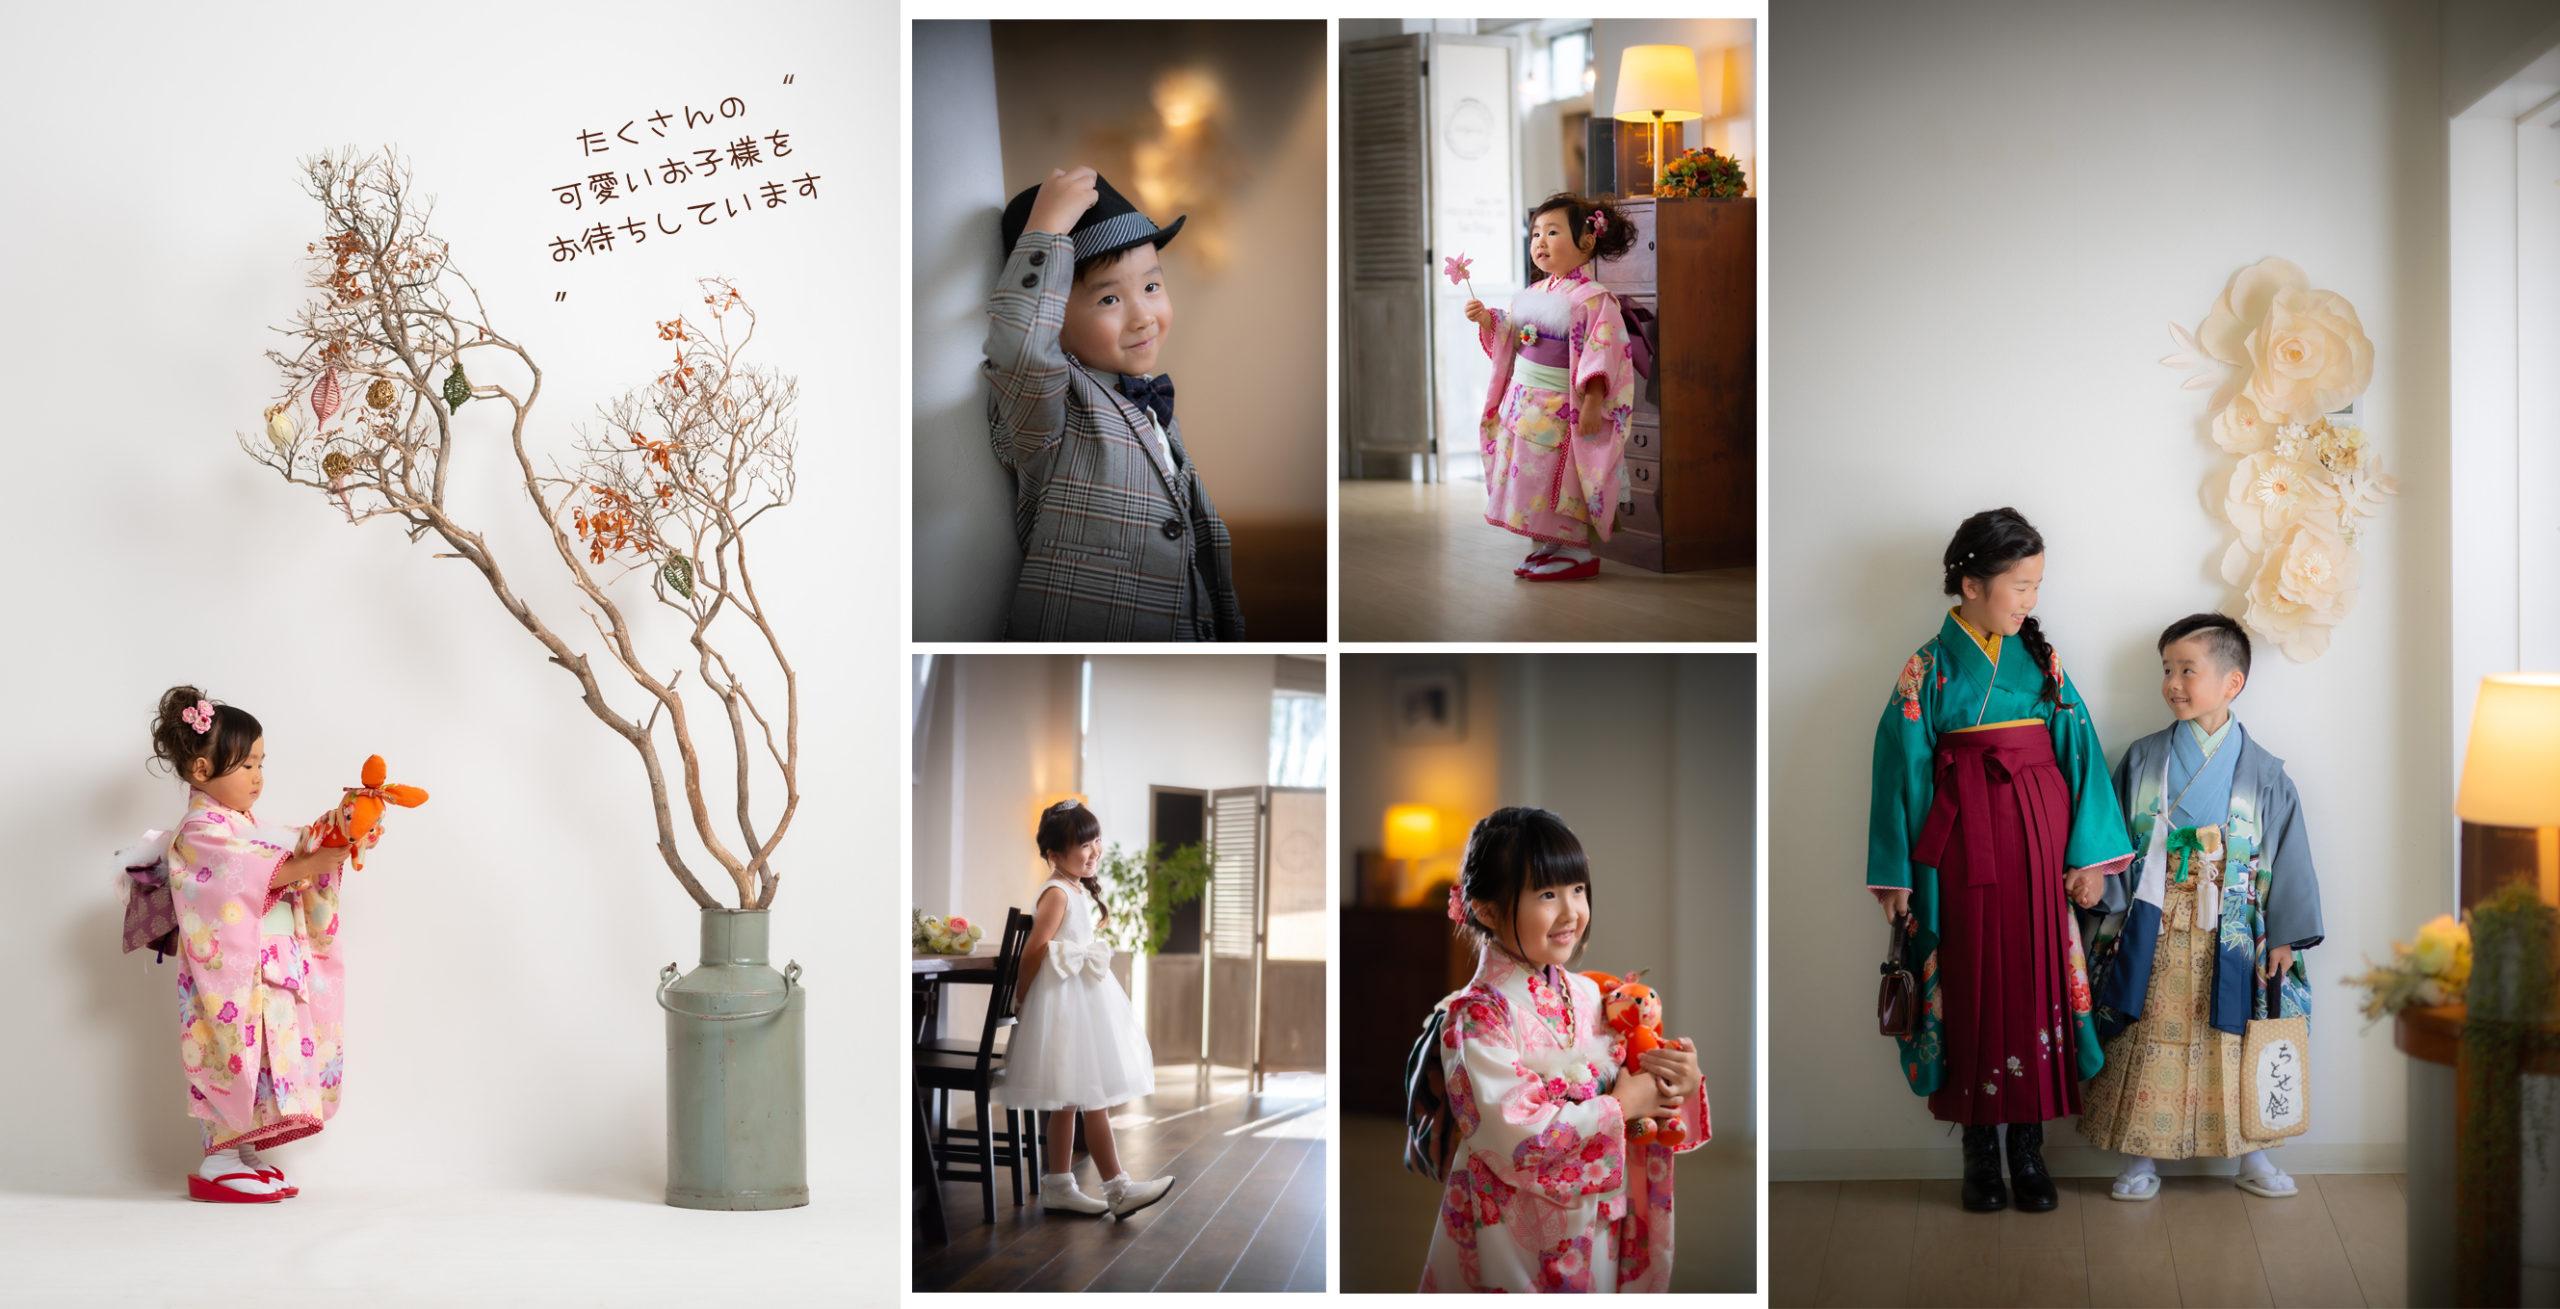 こどもの写真撮影、スタジオ撮影なら中津川市、恵那市のイシグレ写真館